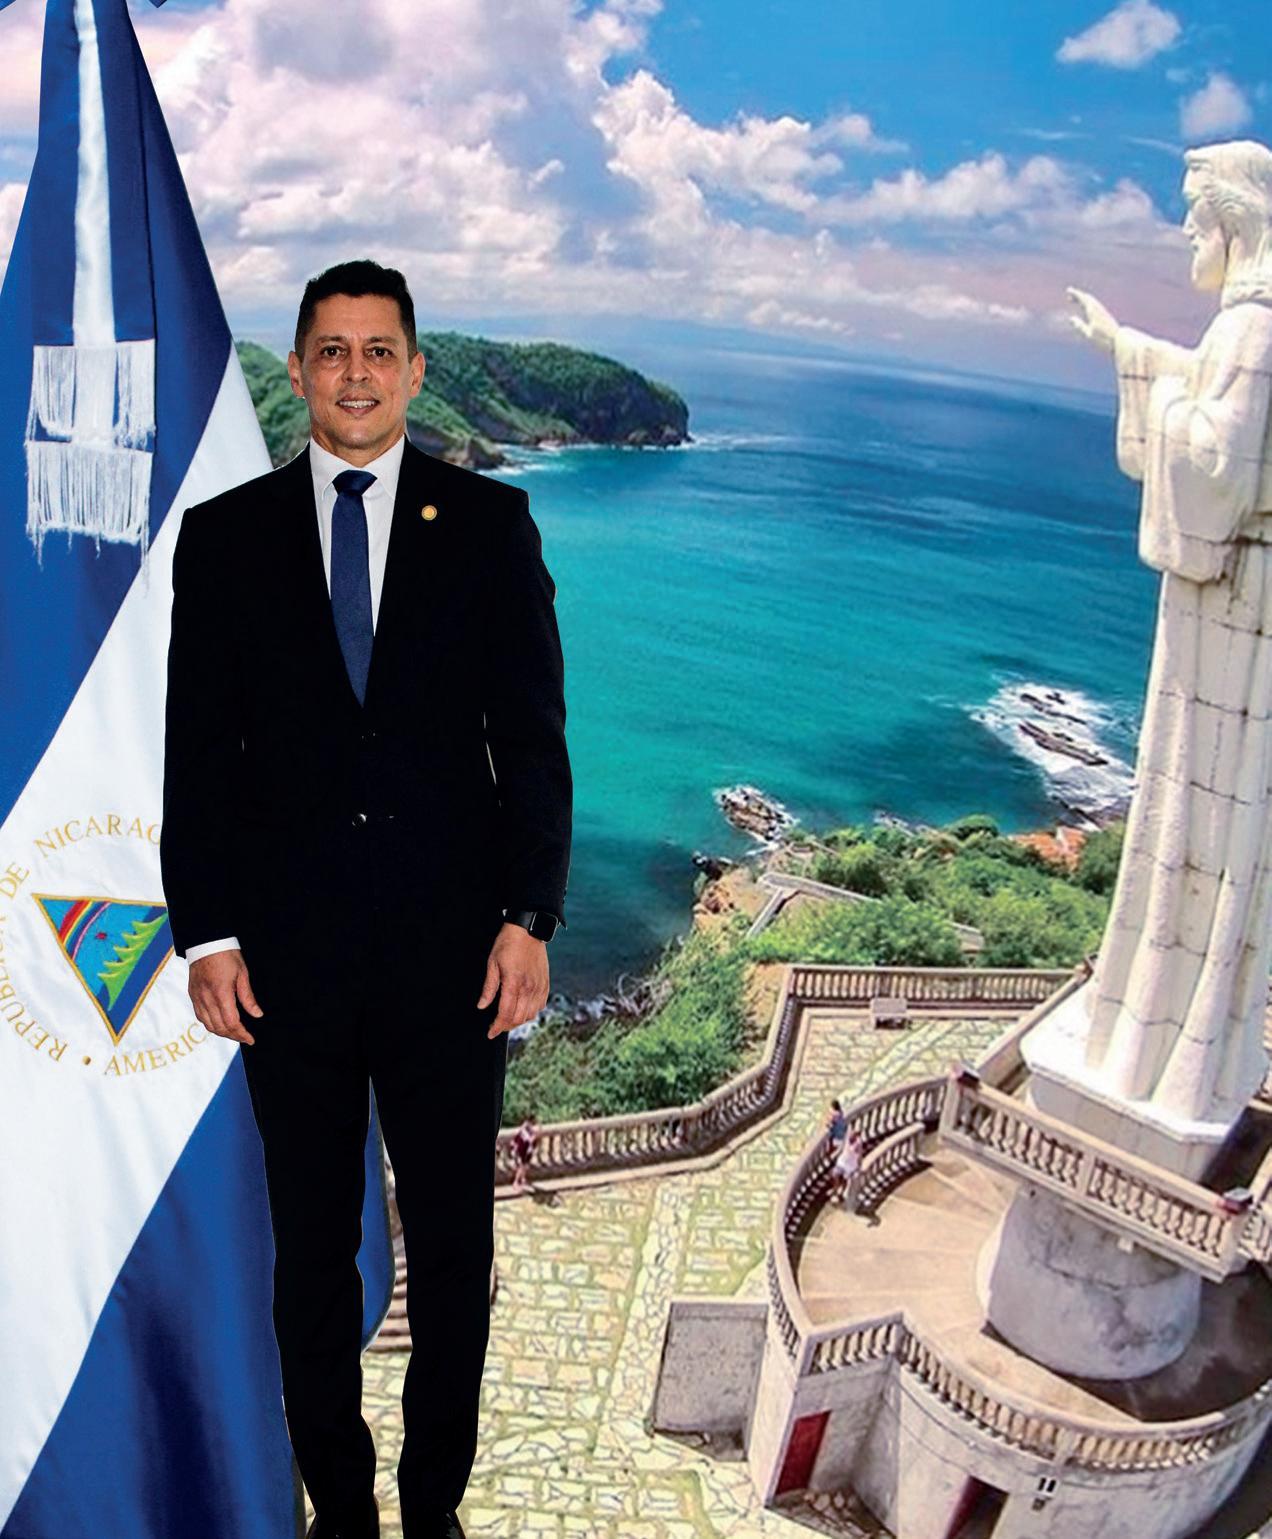 story from: Revista Ecos Diplomáticos edición 20 Marzo-Abril 2021